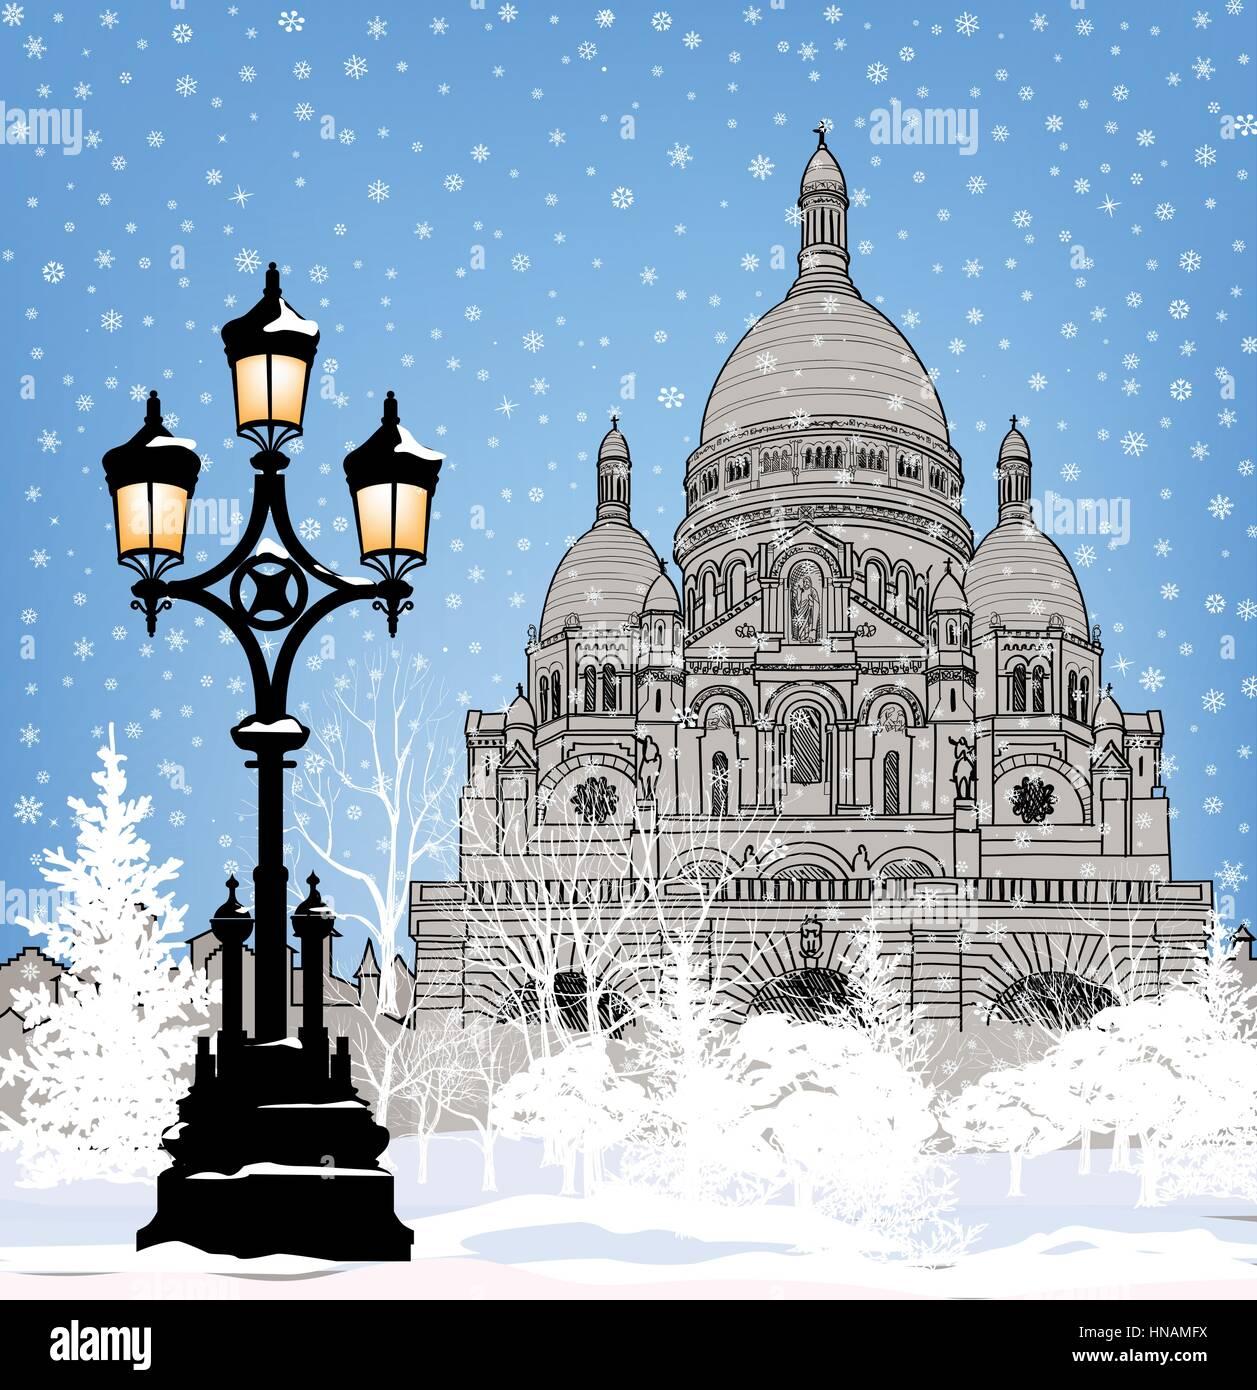 Verschneite Stadt wallpaper. Winter Weihnachten Schnee Hintergrund ...